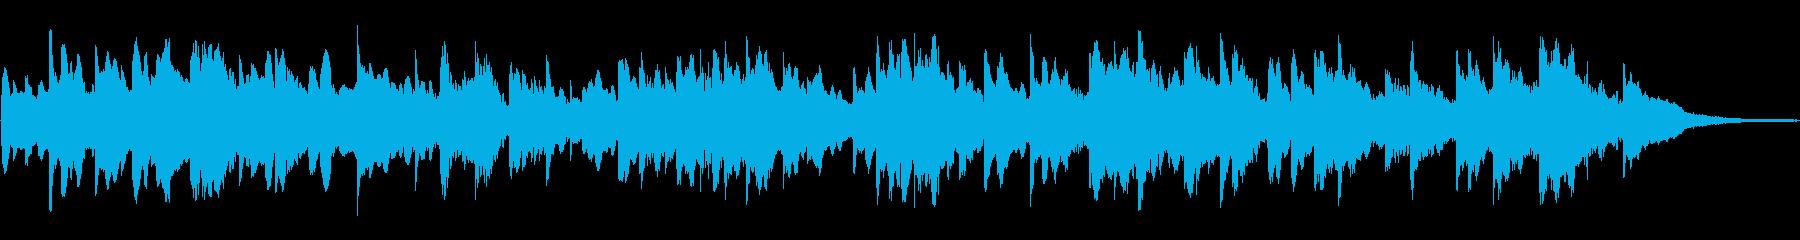 海をイメージしたヒーリングミュージックの再生済みの波形